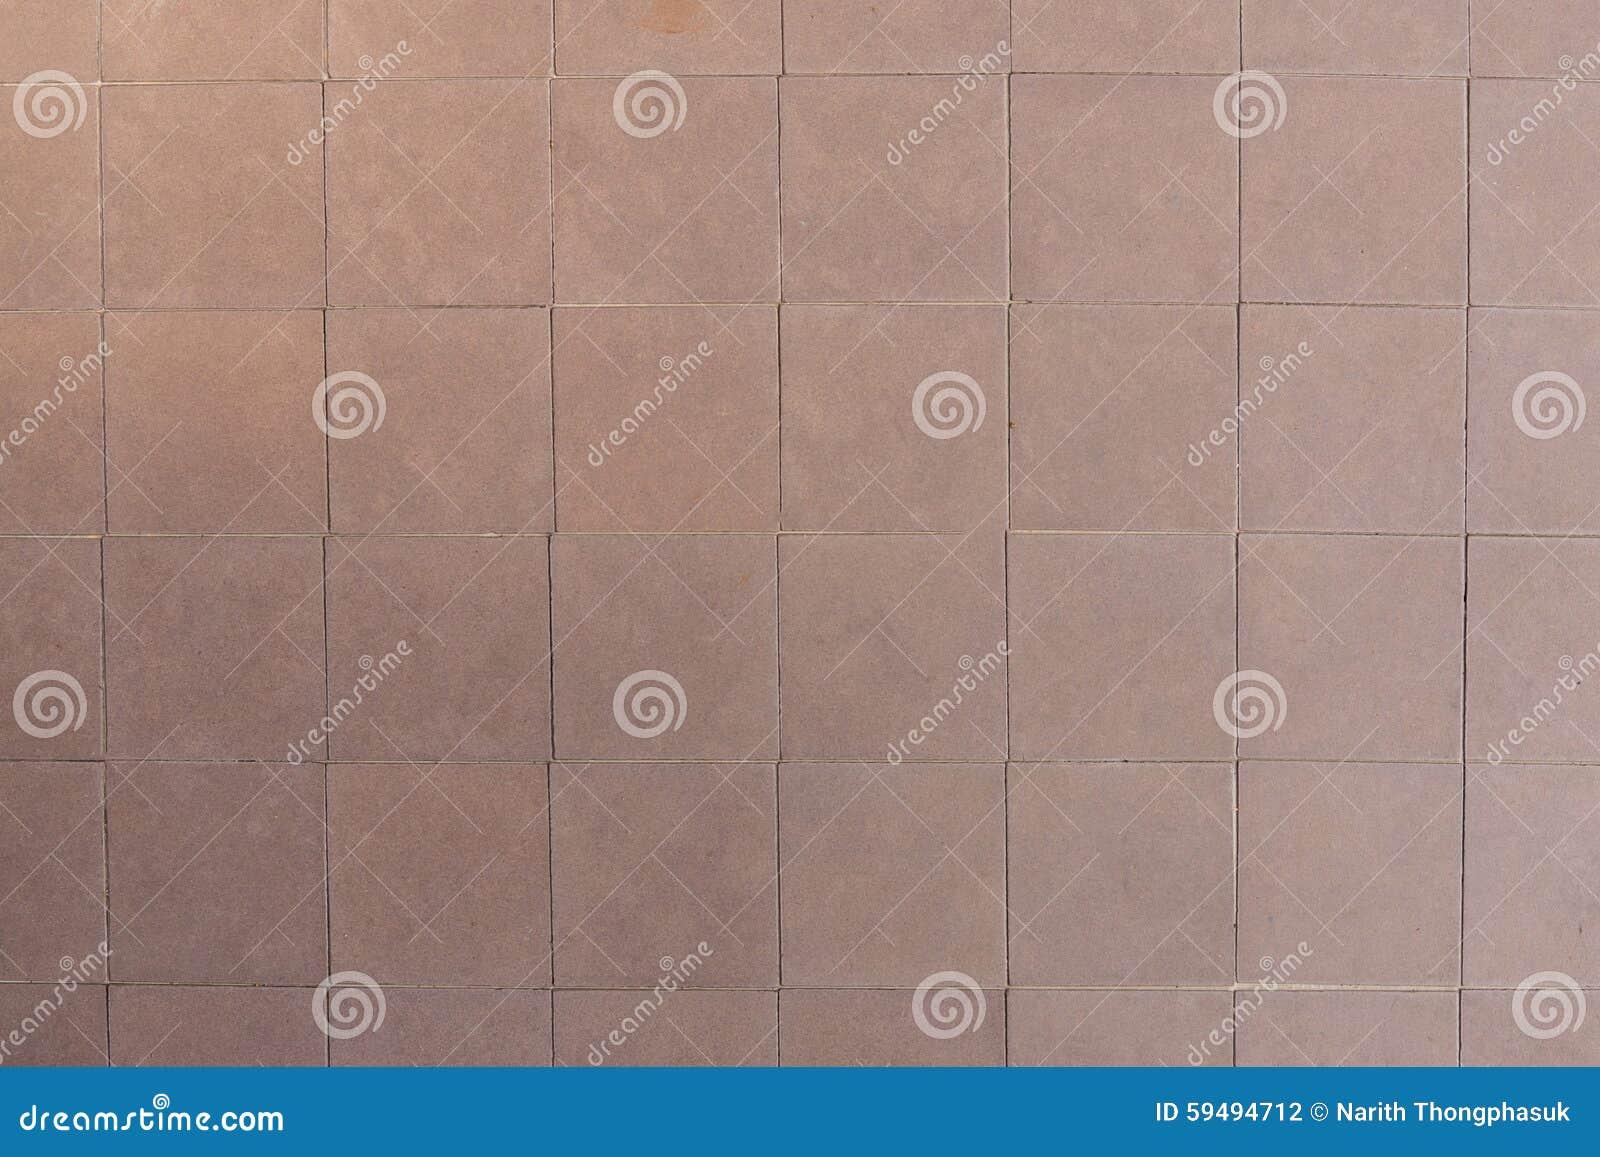 Piastrelle per pavimento beige e marroni fotografia stock